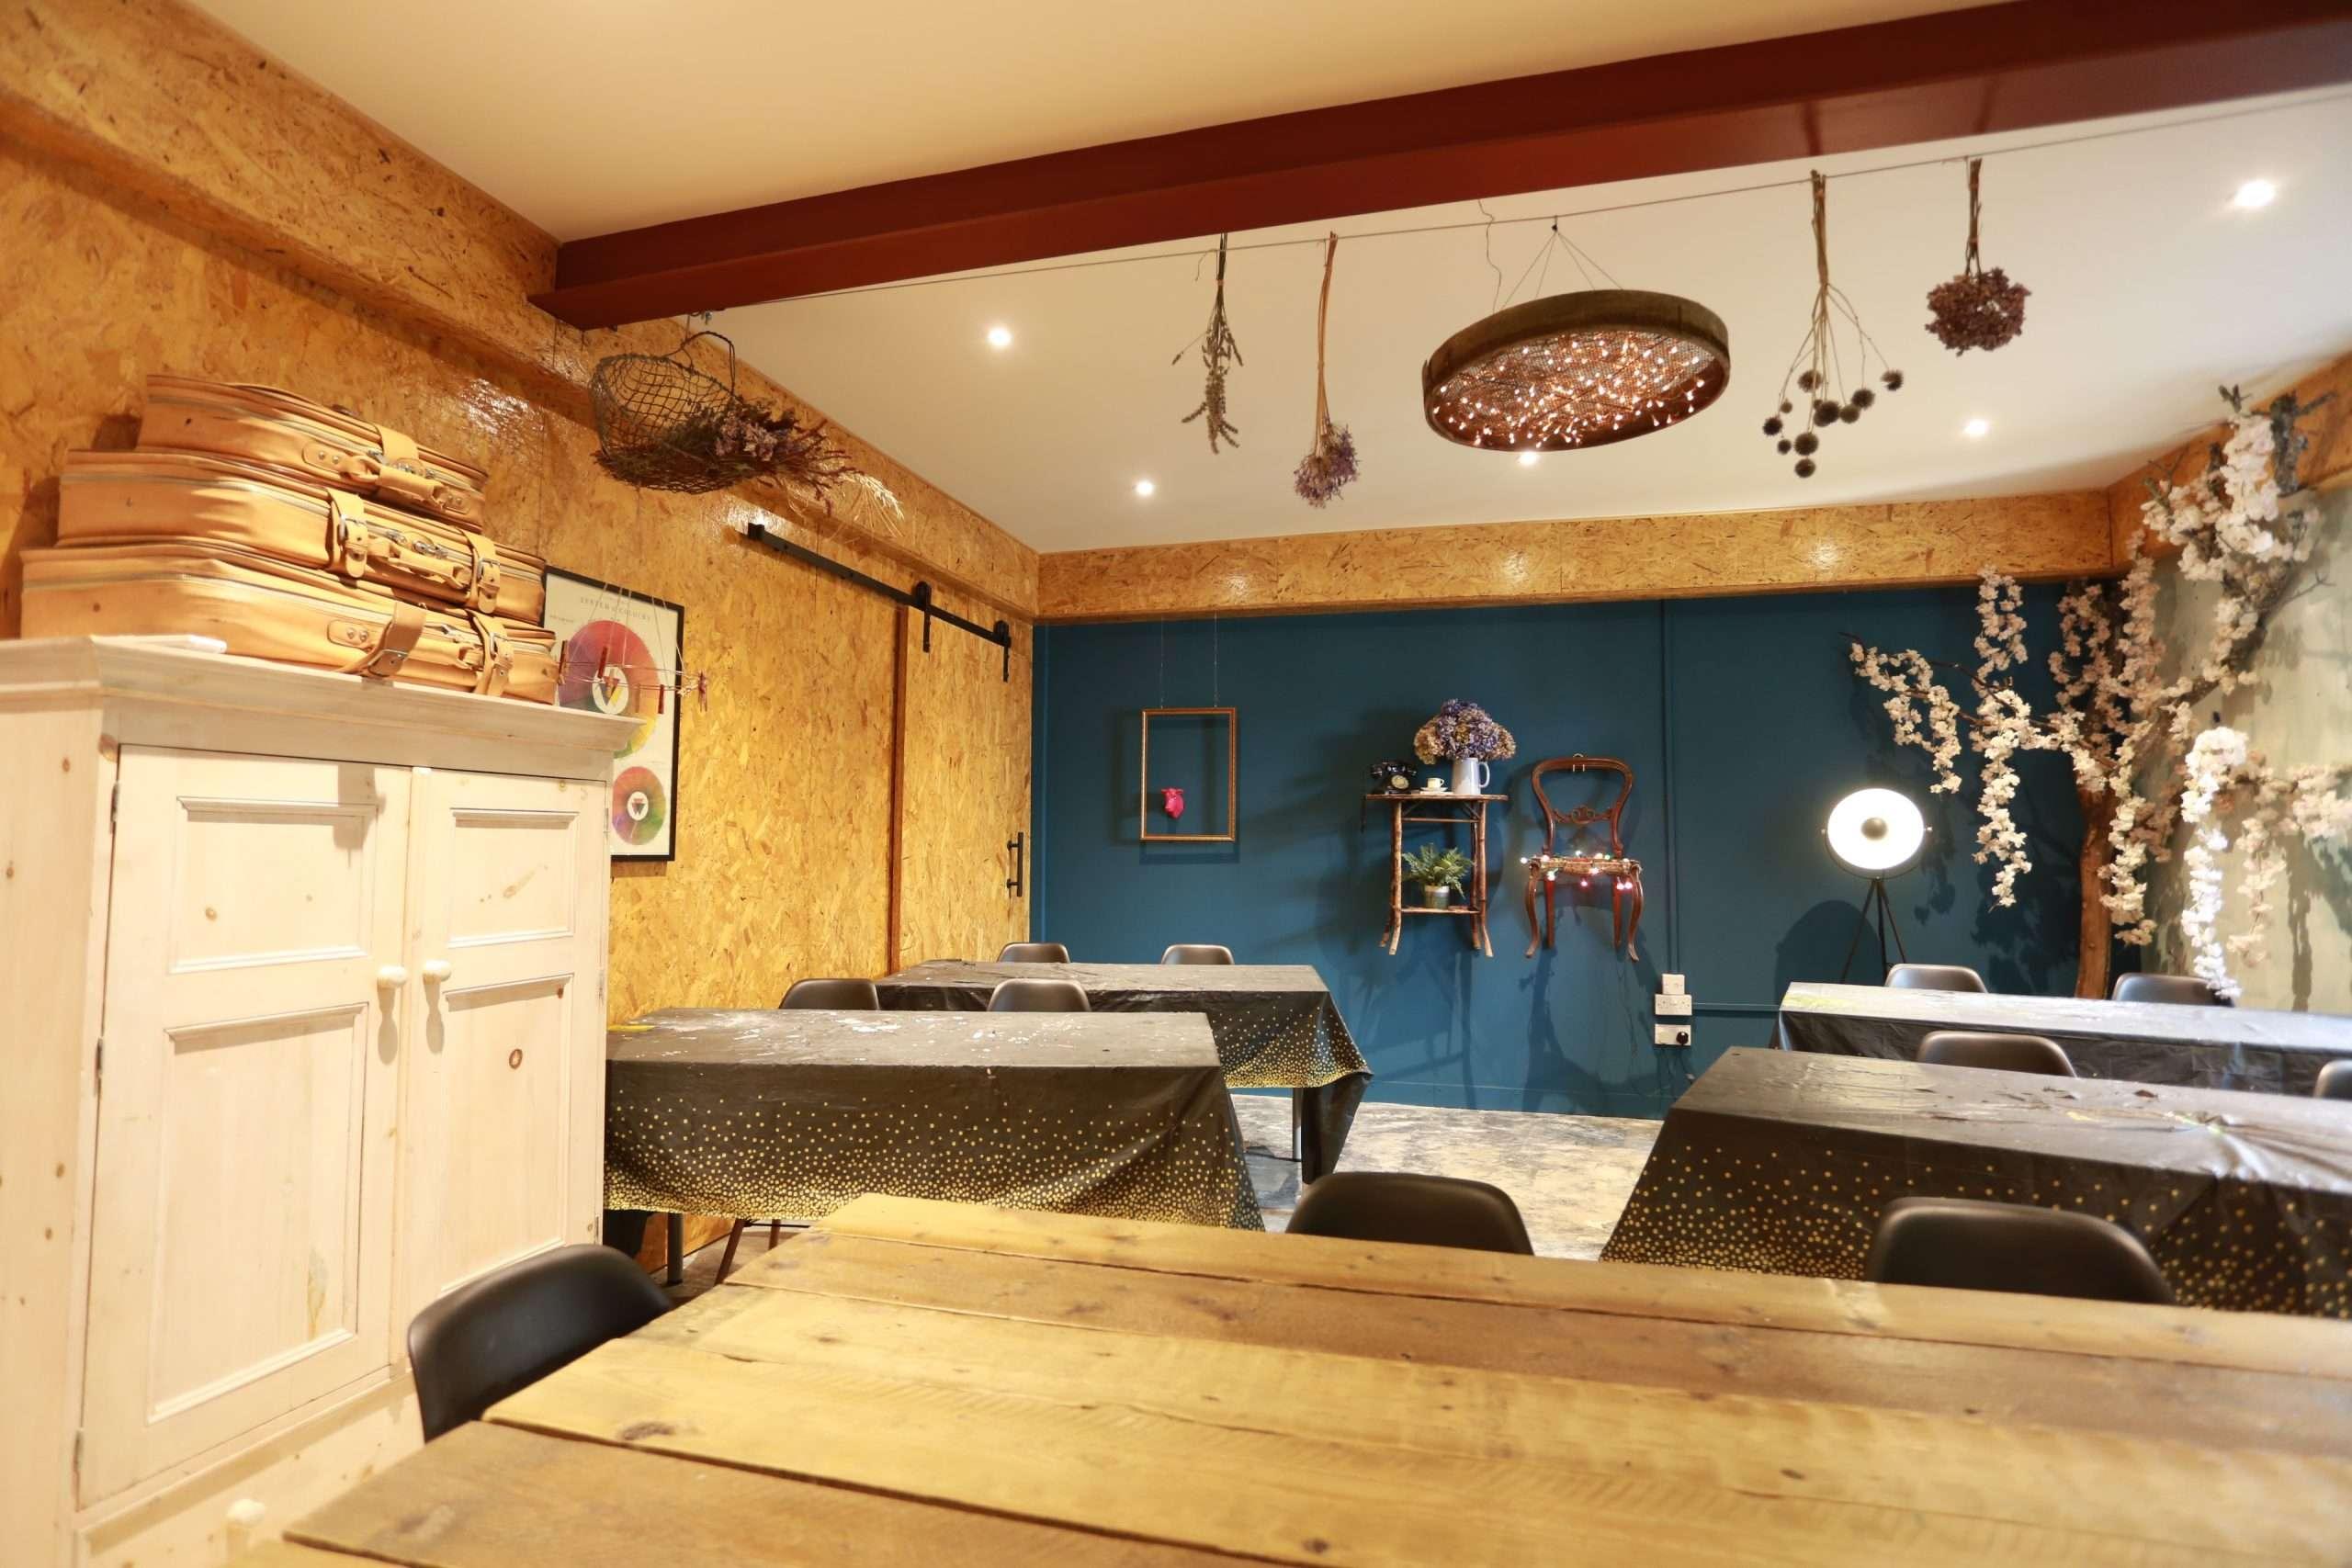 art studio caversham Reading Berkshire